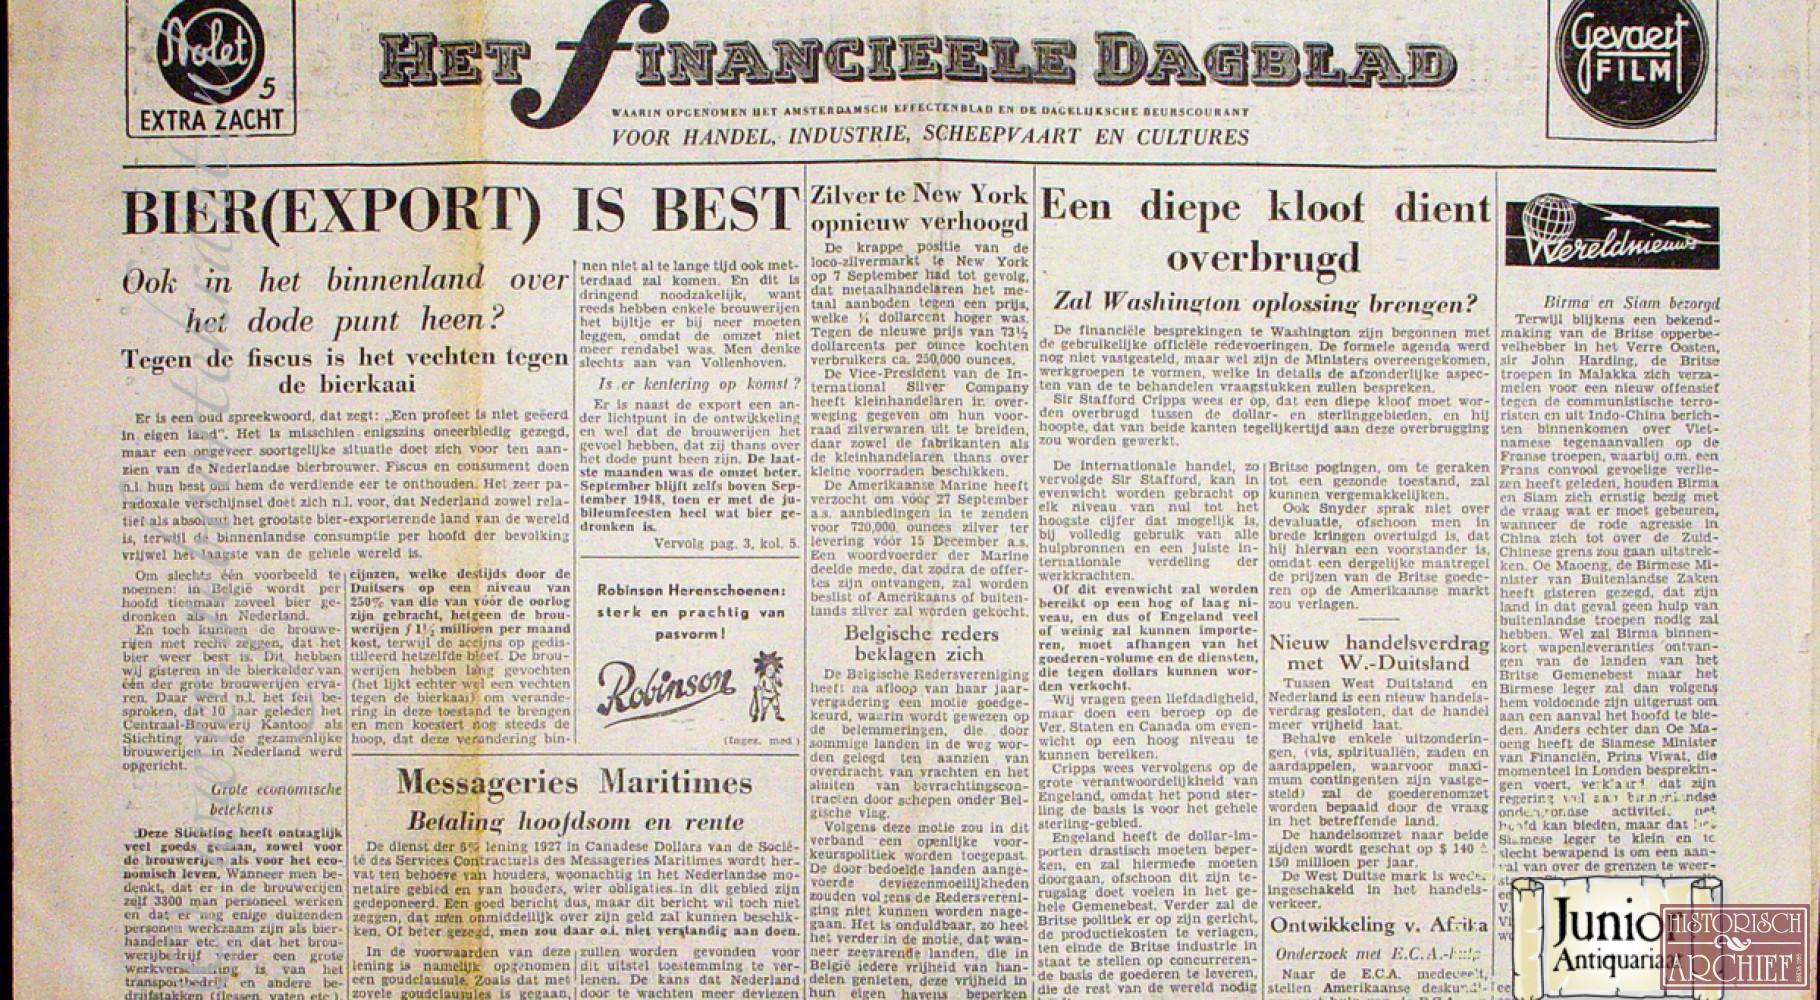 Het Financiële Dagblad